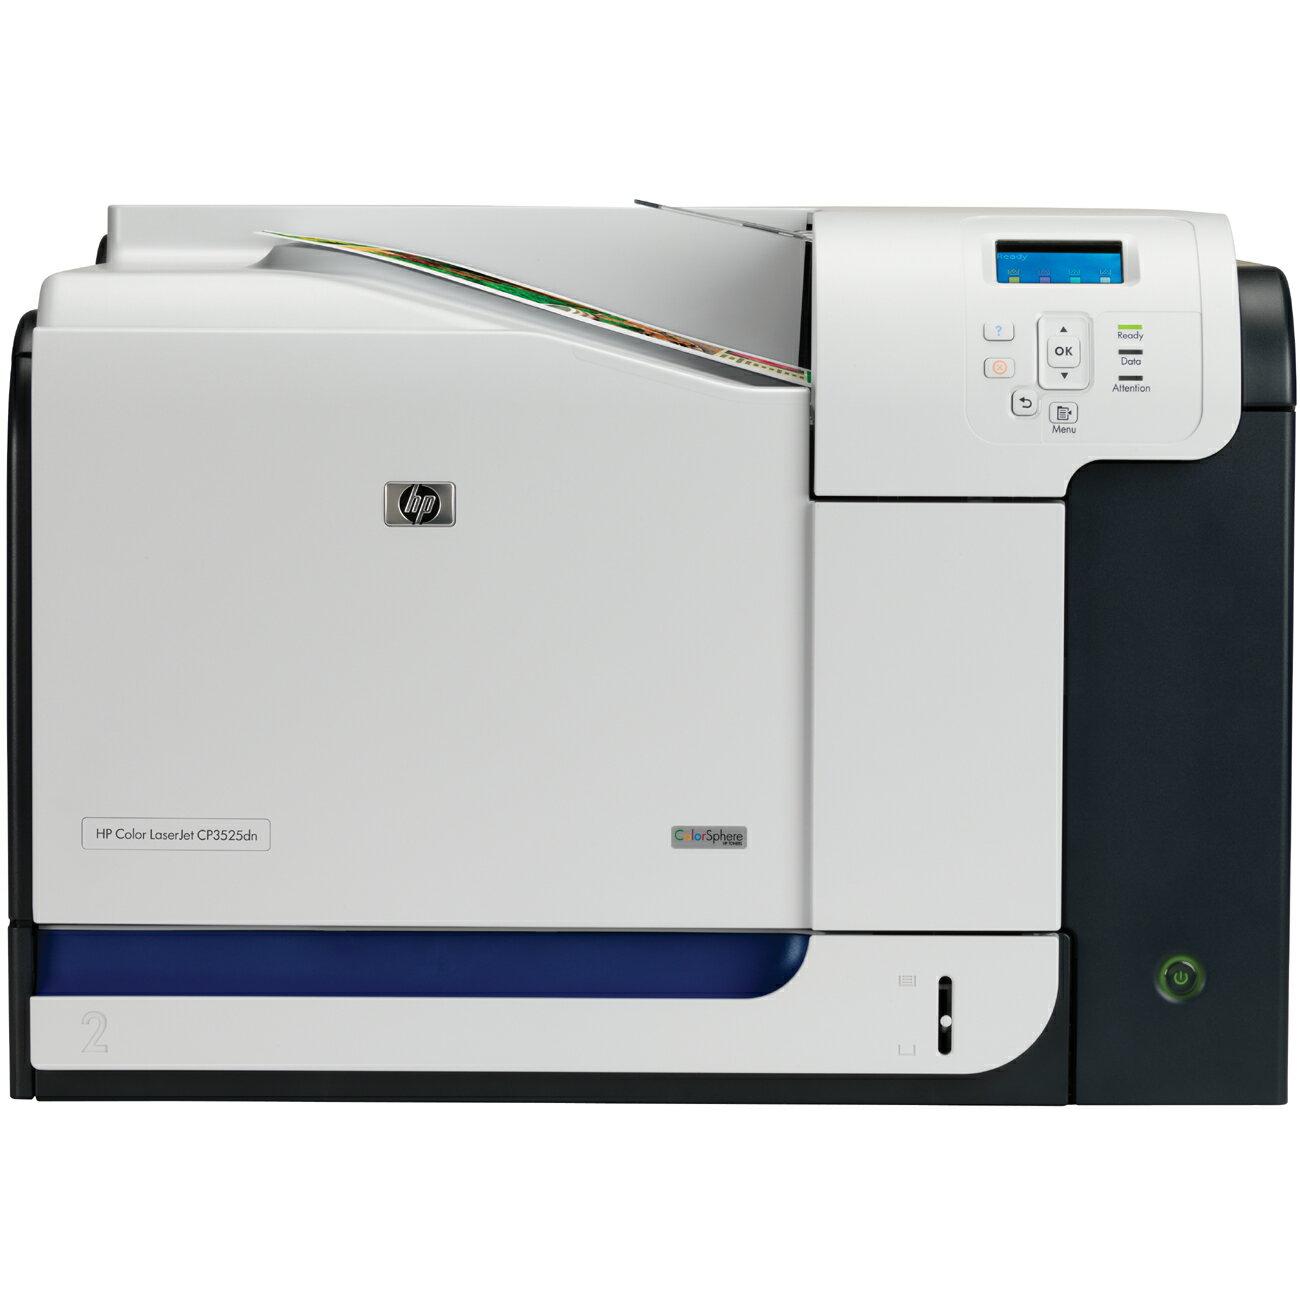 HP LaserJet CP3525dn Color Laser Printer 0